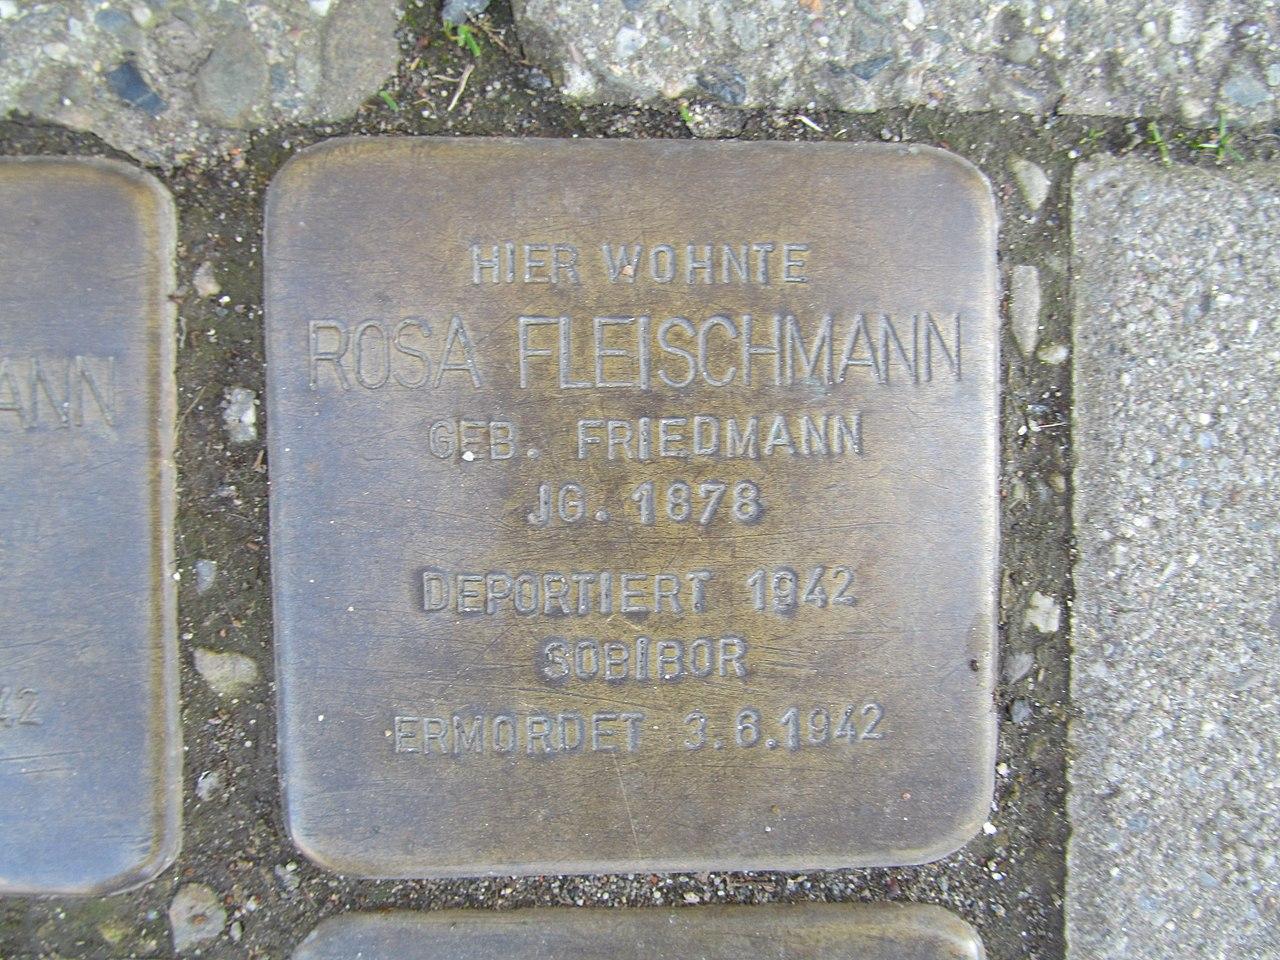 Stolperstein Rosa Fleischmann, 1, Hüttenstraße 26, Sangerhausen, Landkreis Mansfeld-Südharz.jpg